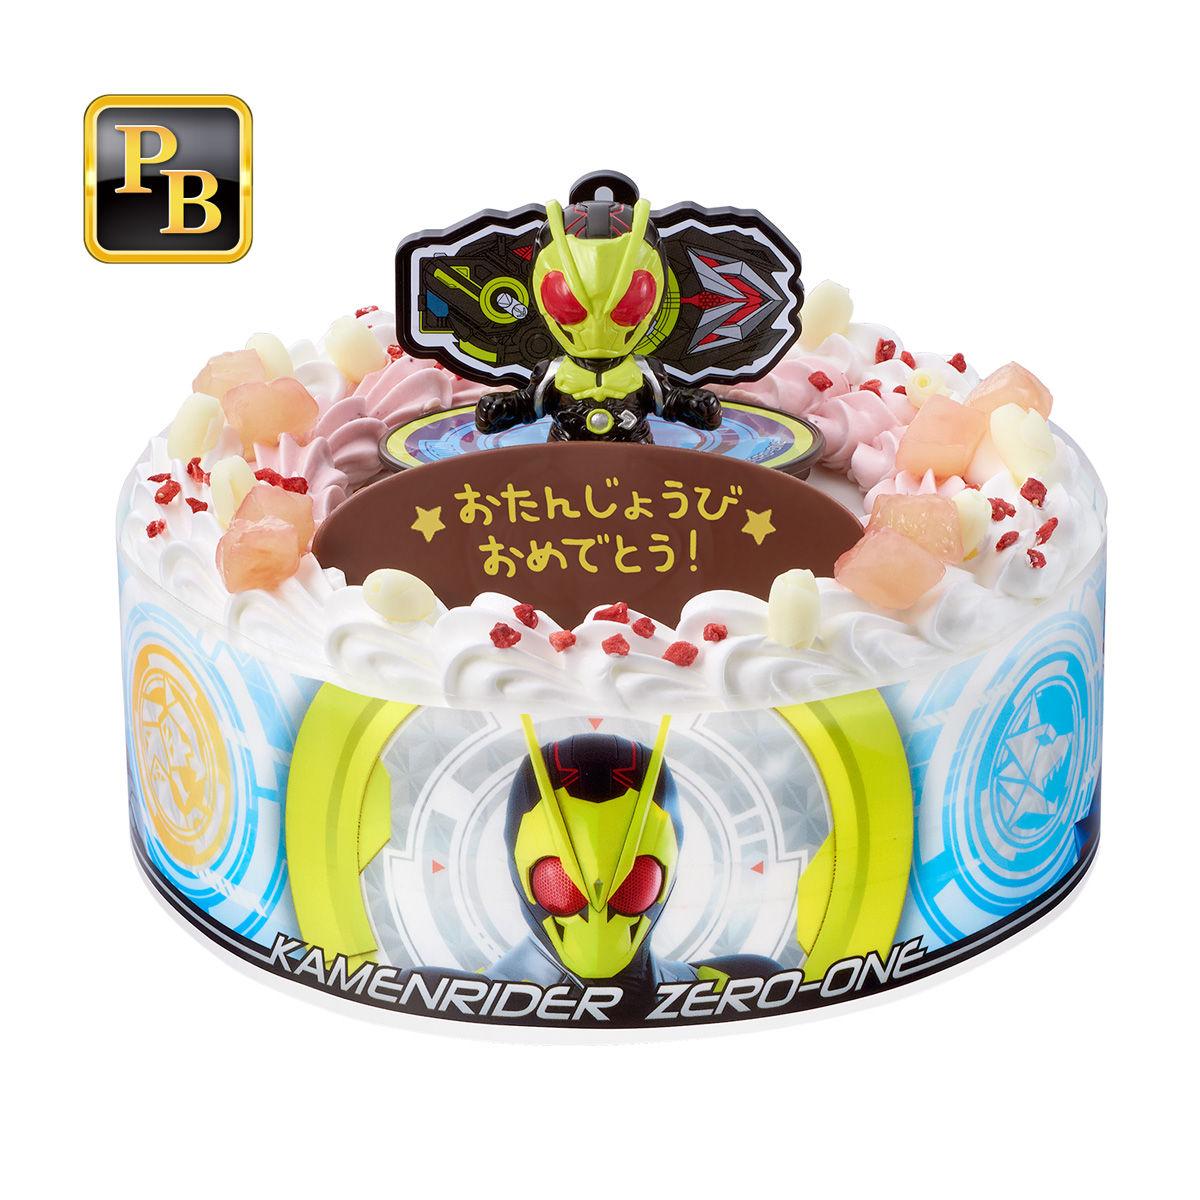 キャラデコお祝いケーキ 仮面ライダーゼロワン(チョコクリーム)[5号サイズ]_0